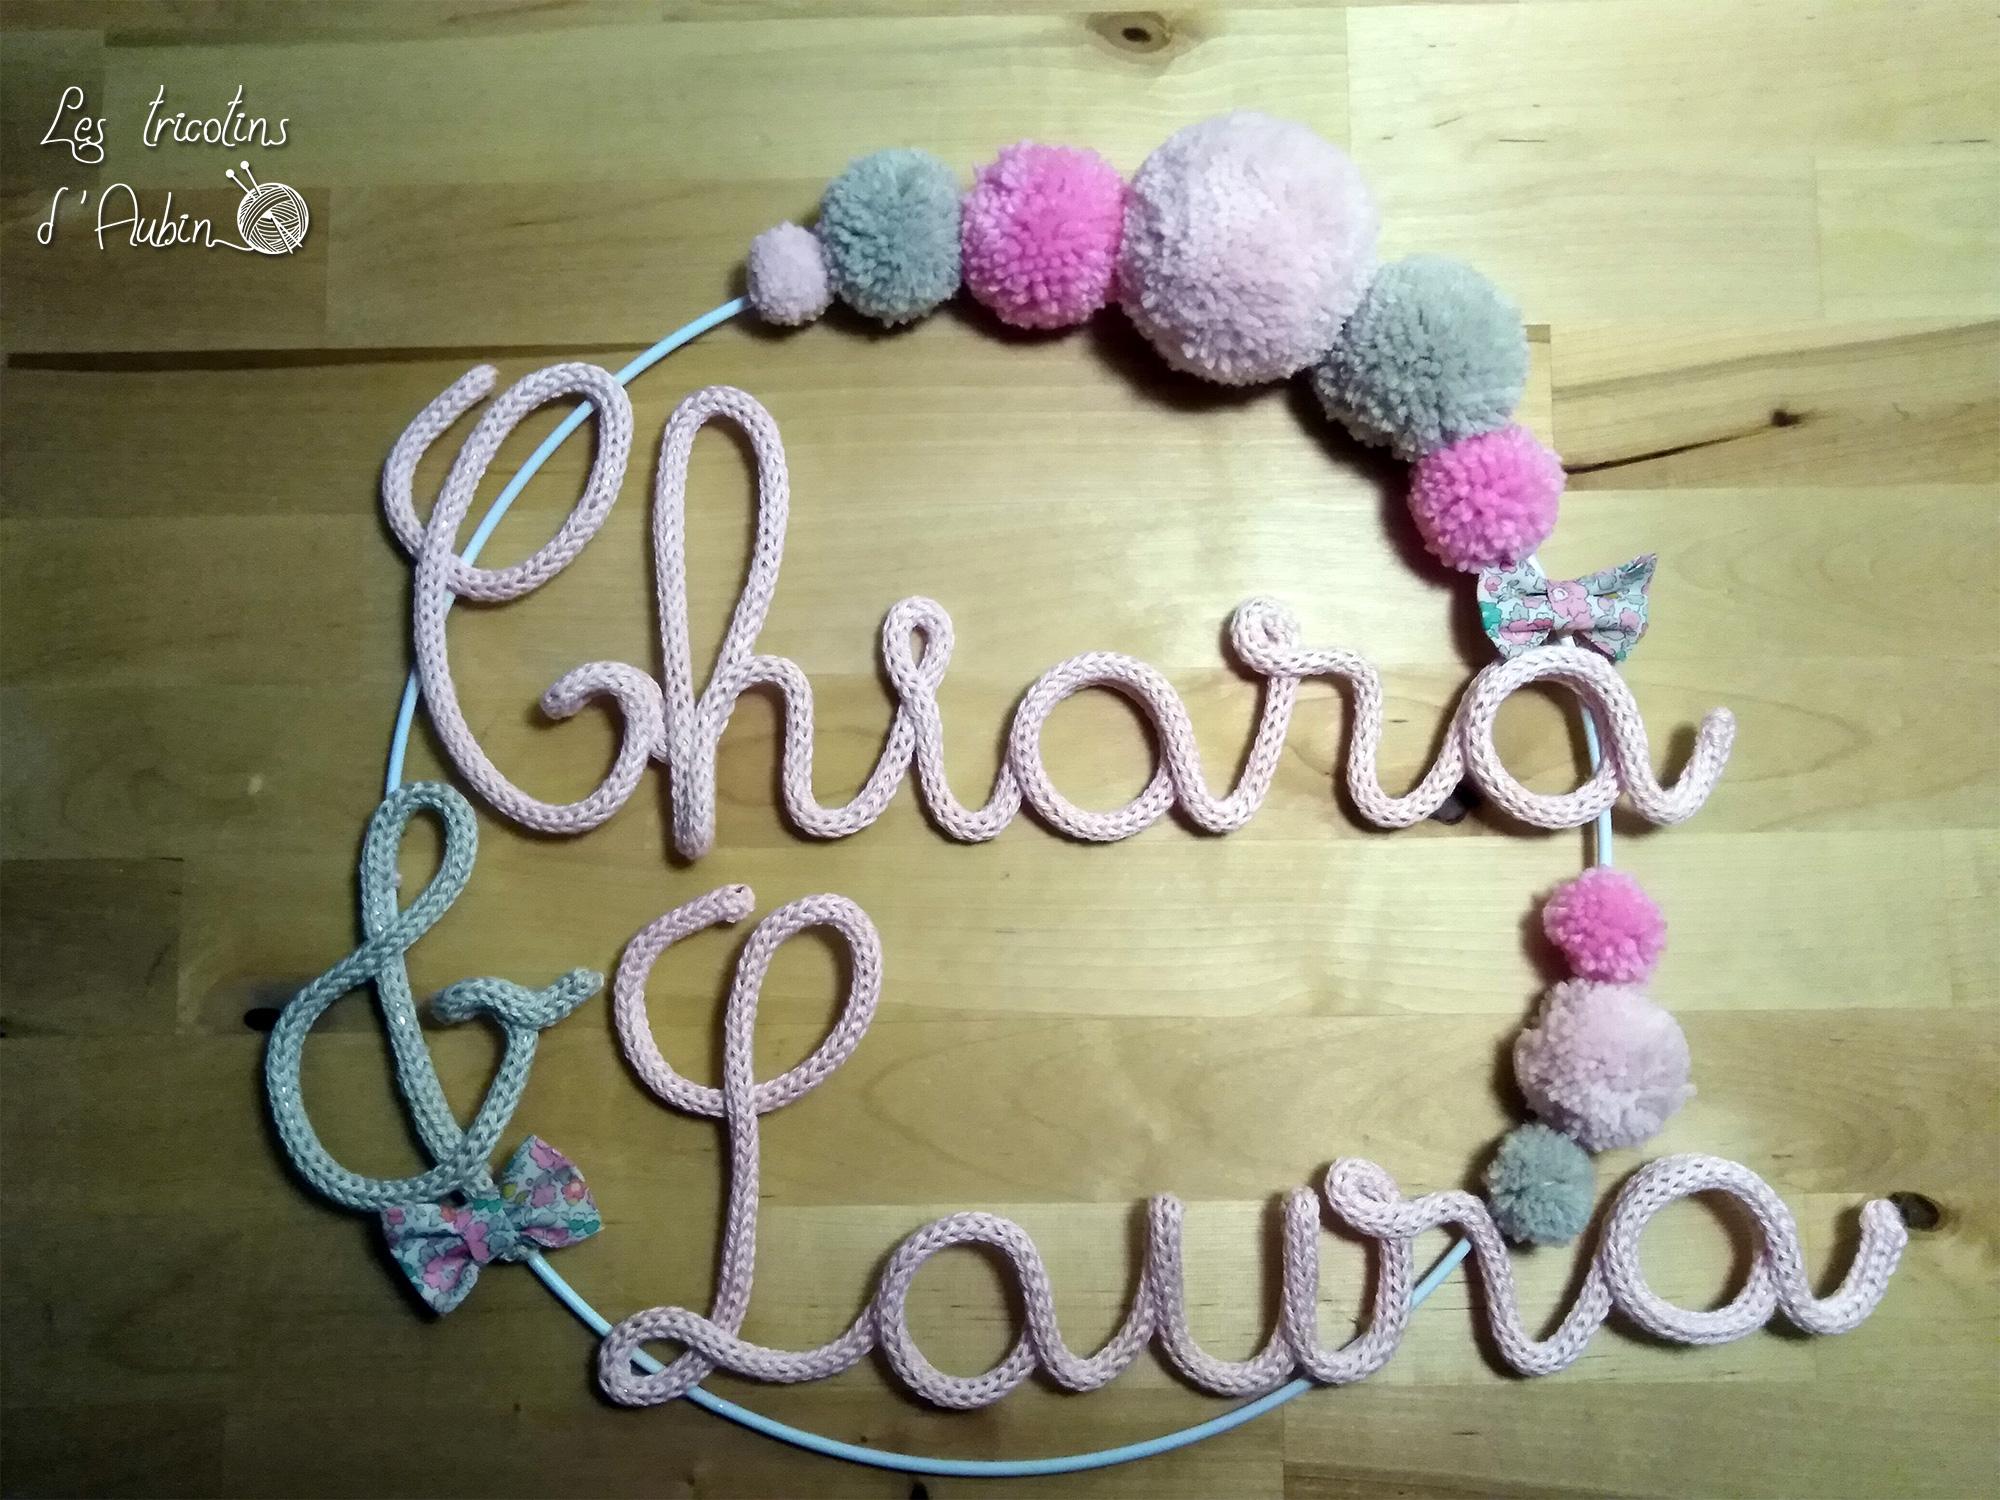 Laura Chiara couronne tricotin